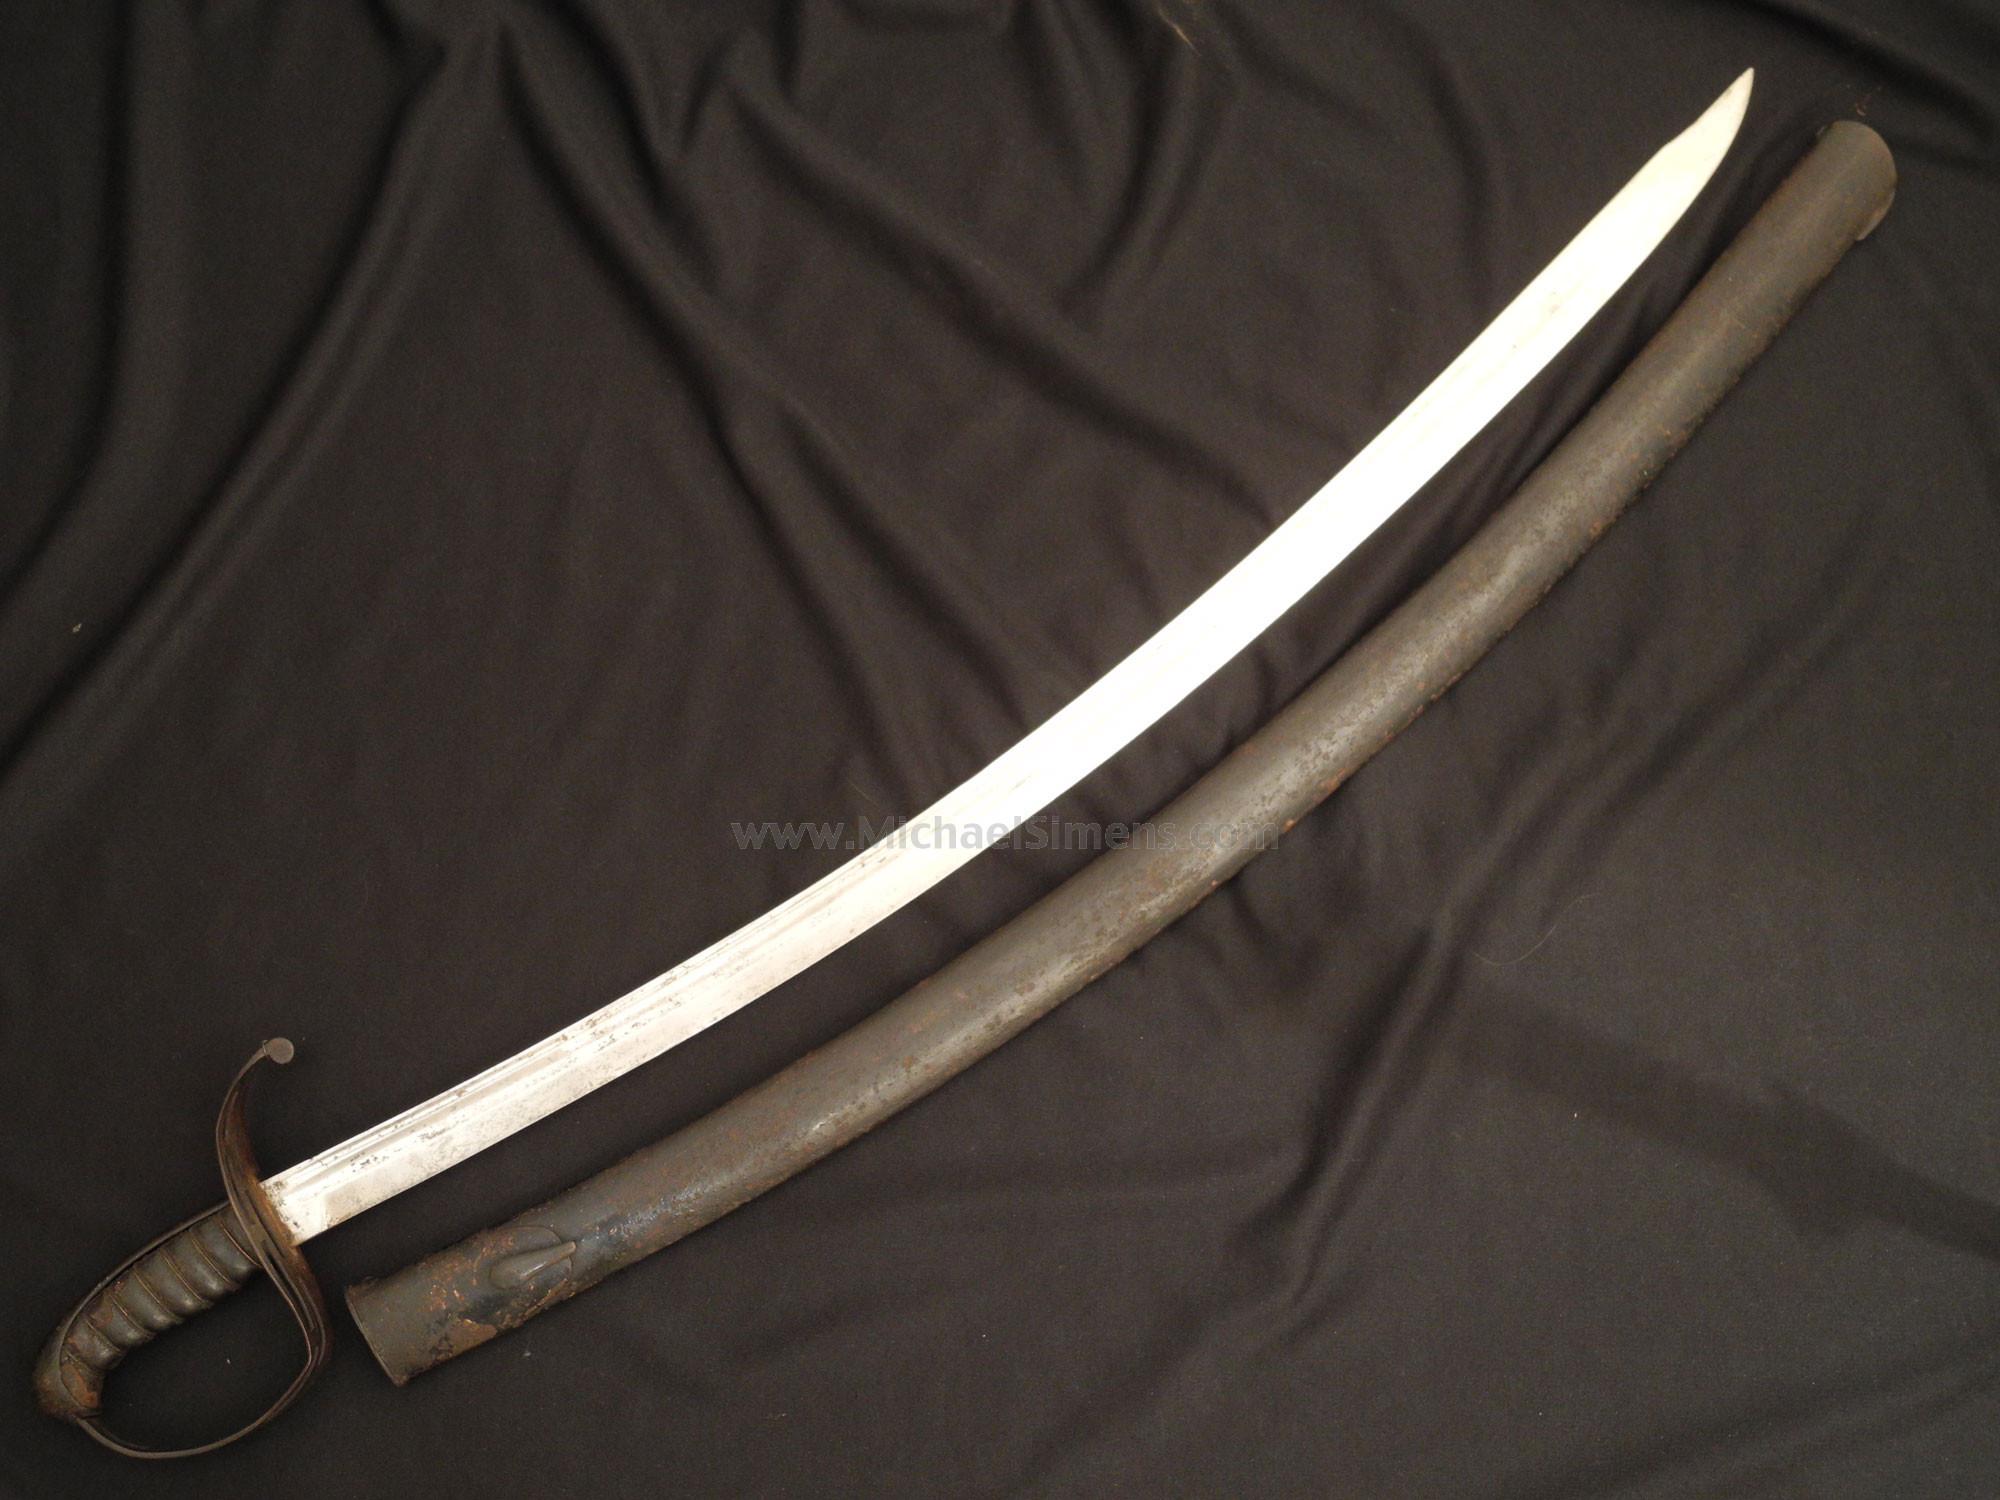 VIRGINIA MANUFACTORY SABER, CIVIL WAR SWORD